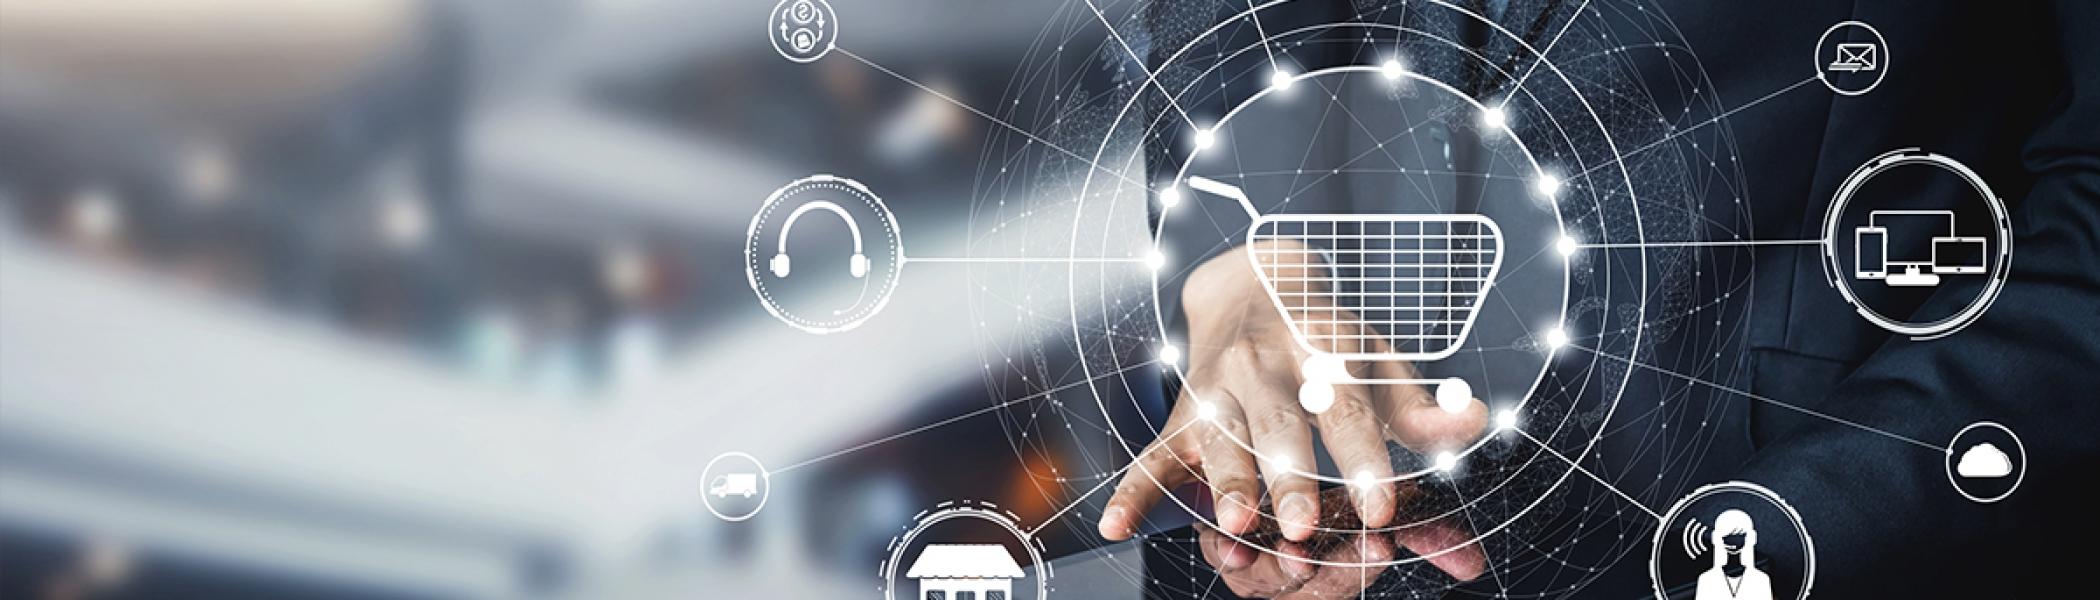 電子商務、運輸及倉儲業